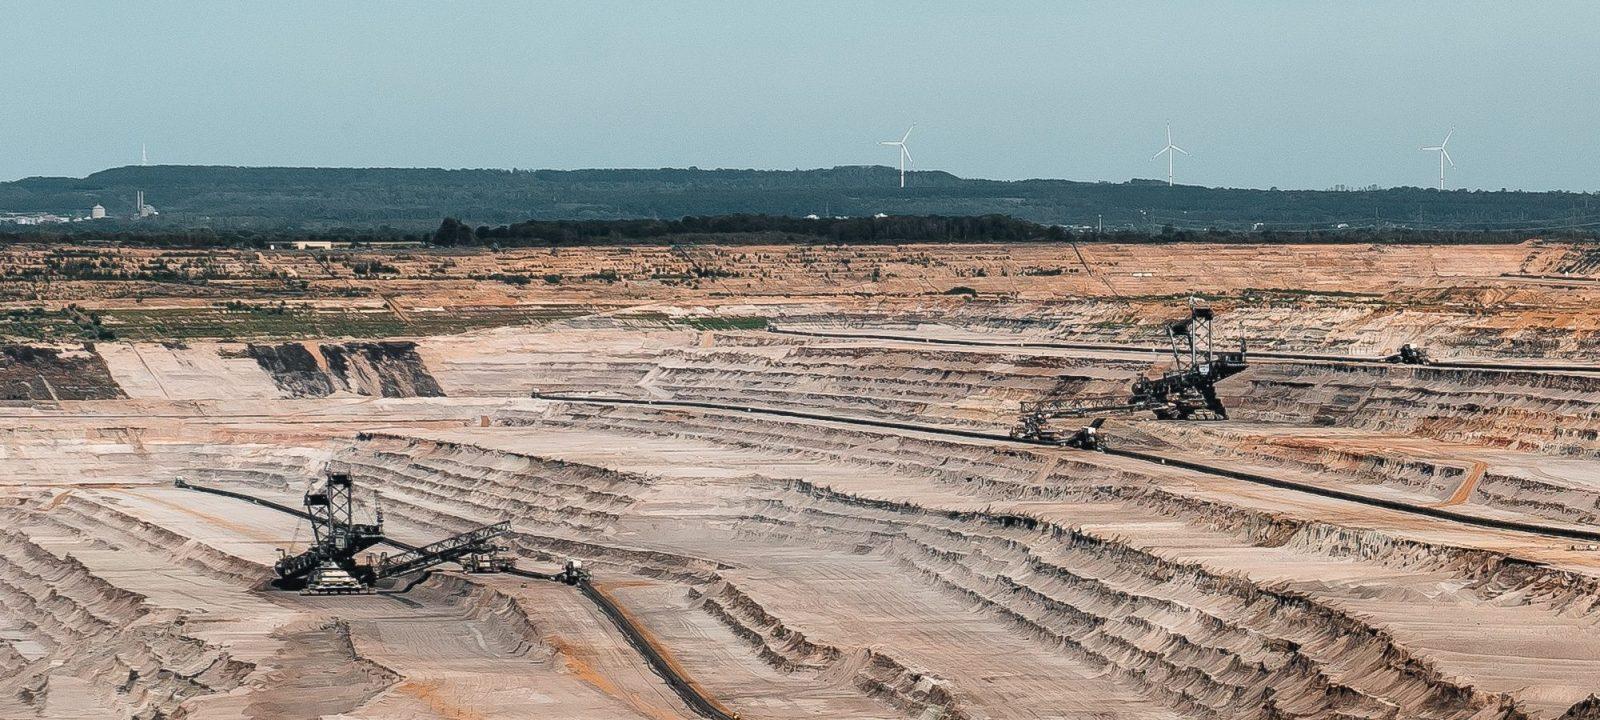 le charbon est la source d'énergie la plus nocive pour l'humain